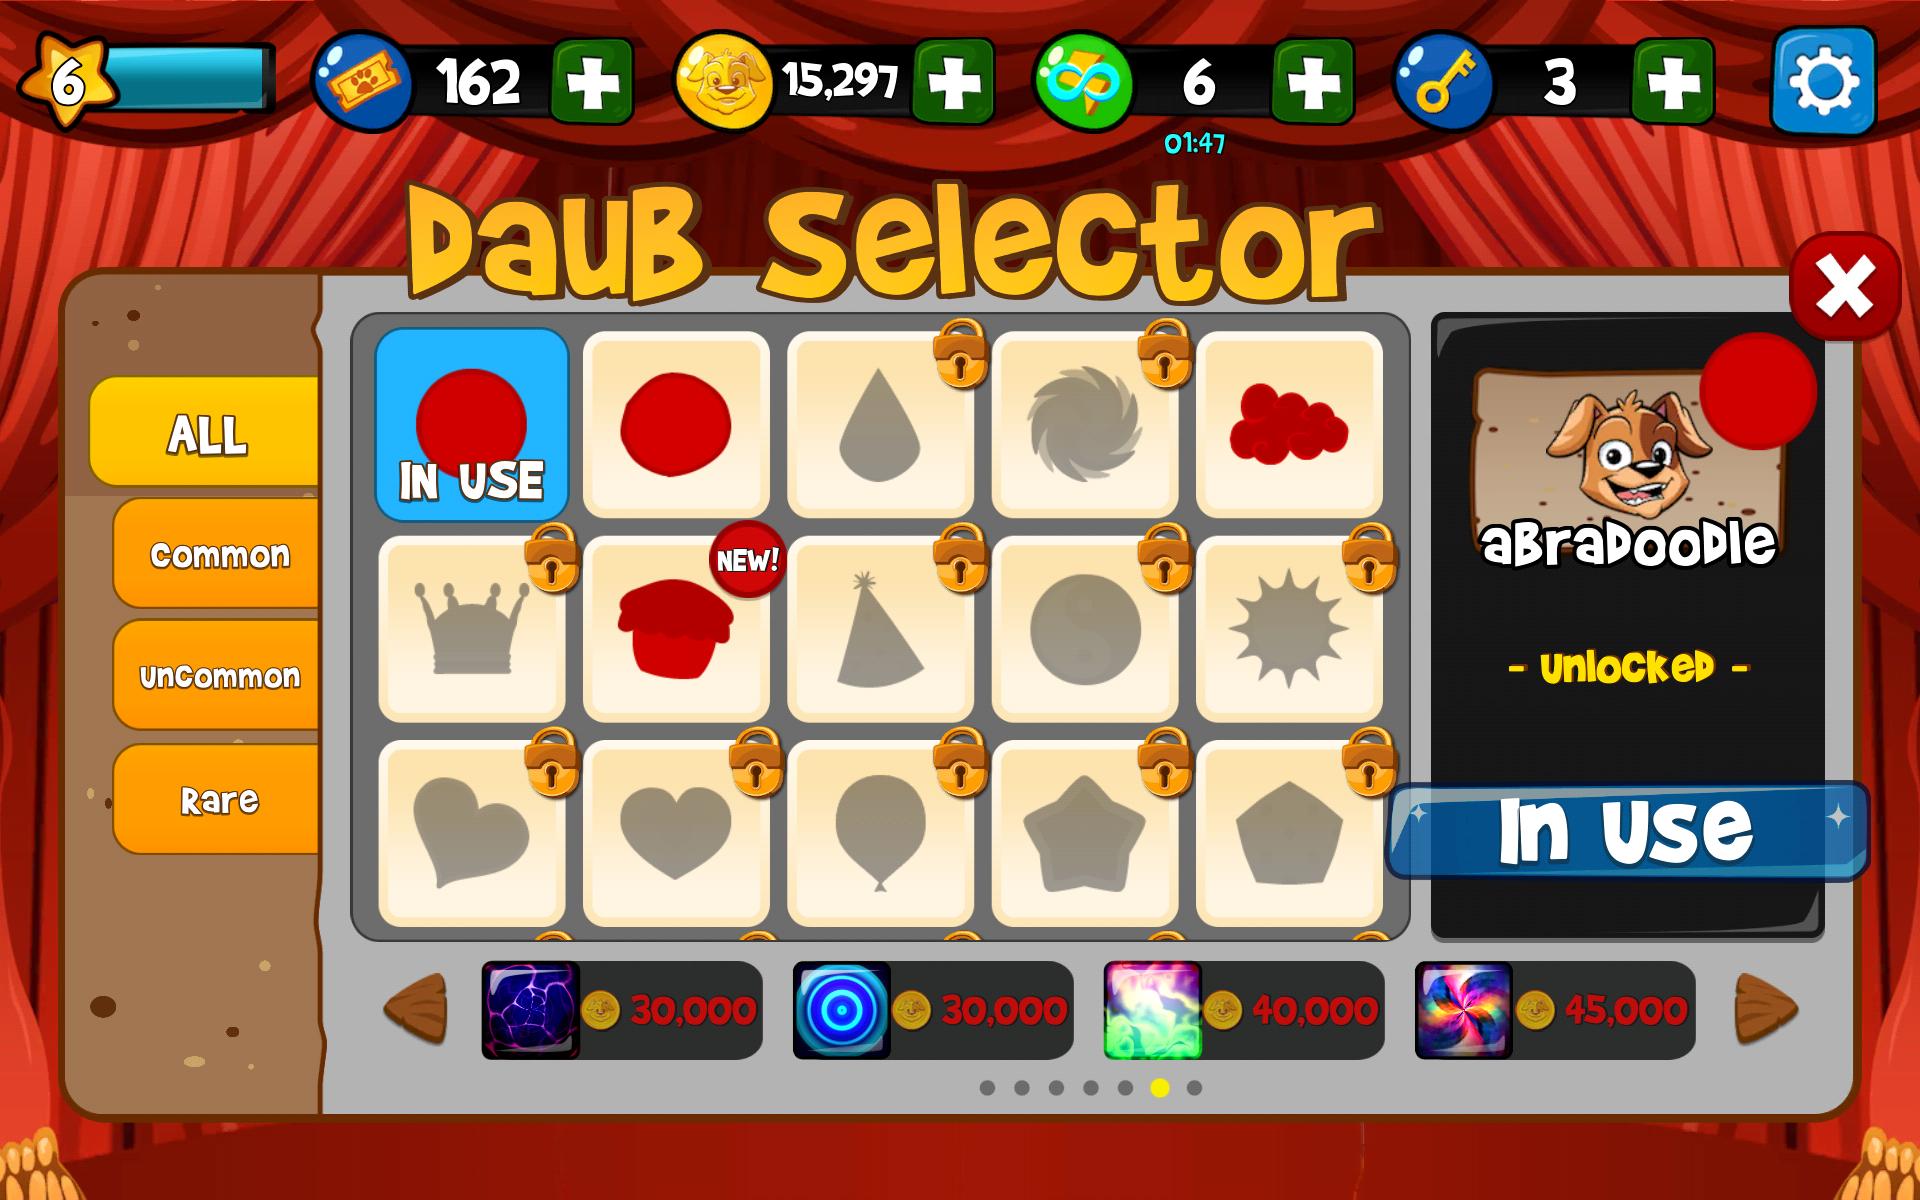 Voodoo dreams casino free spins